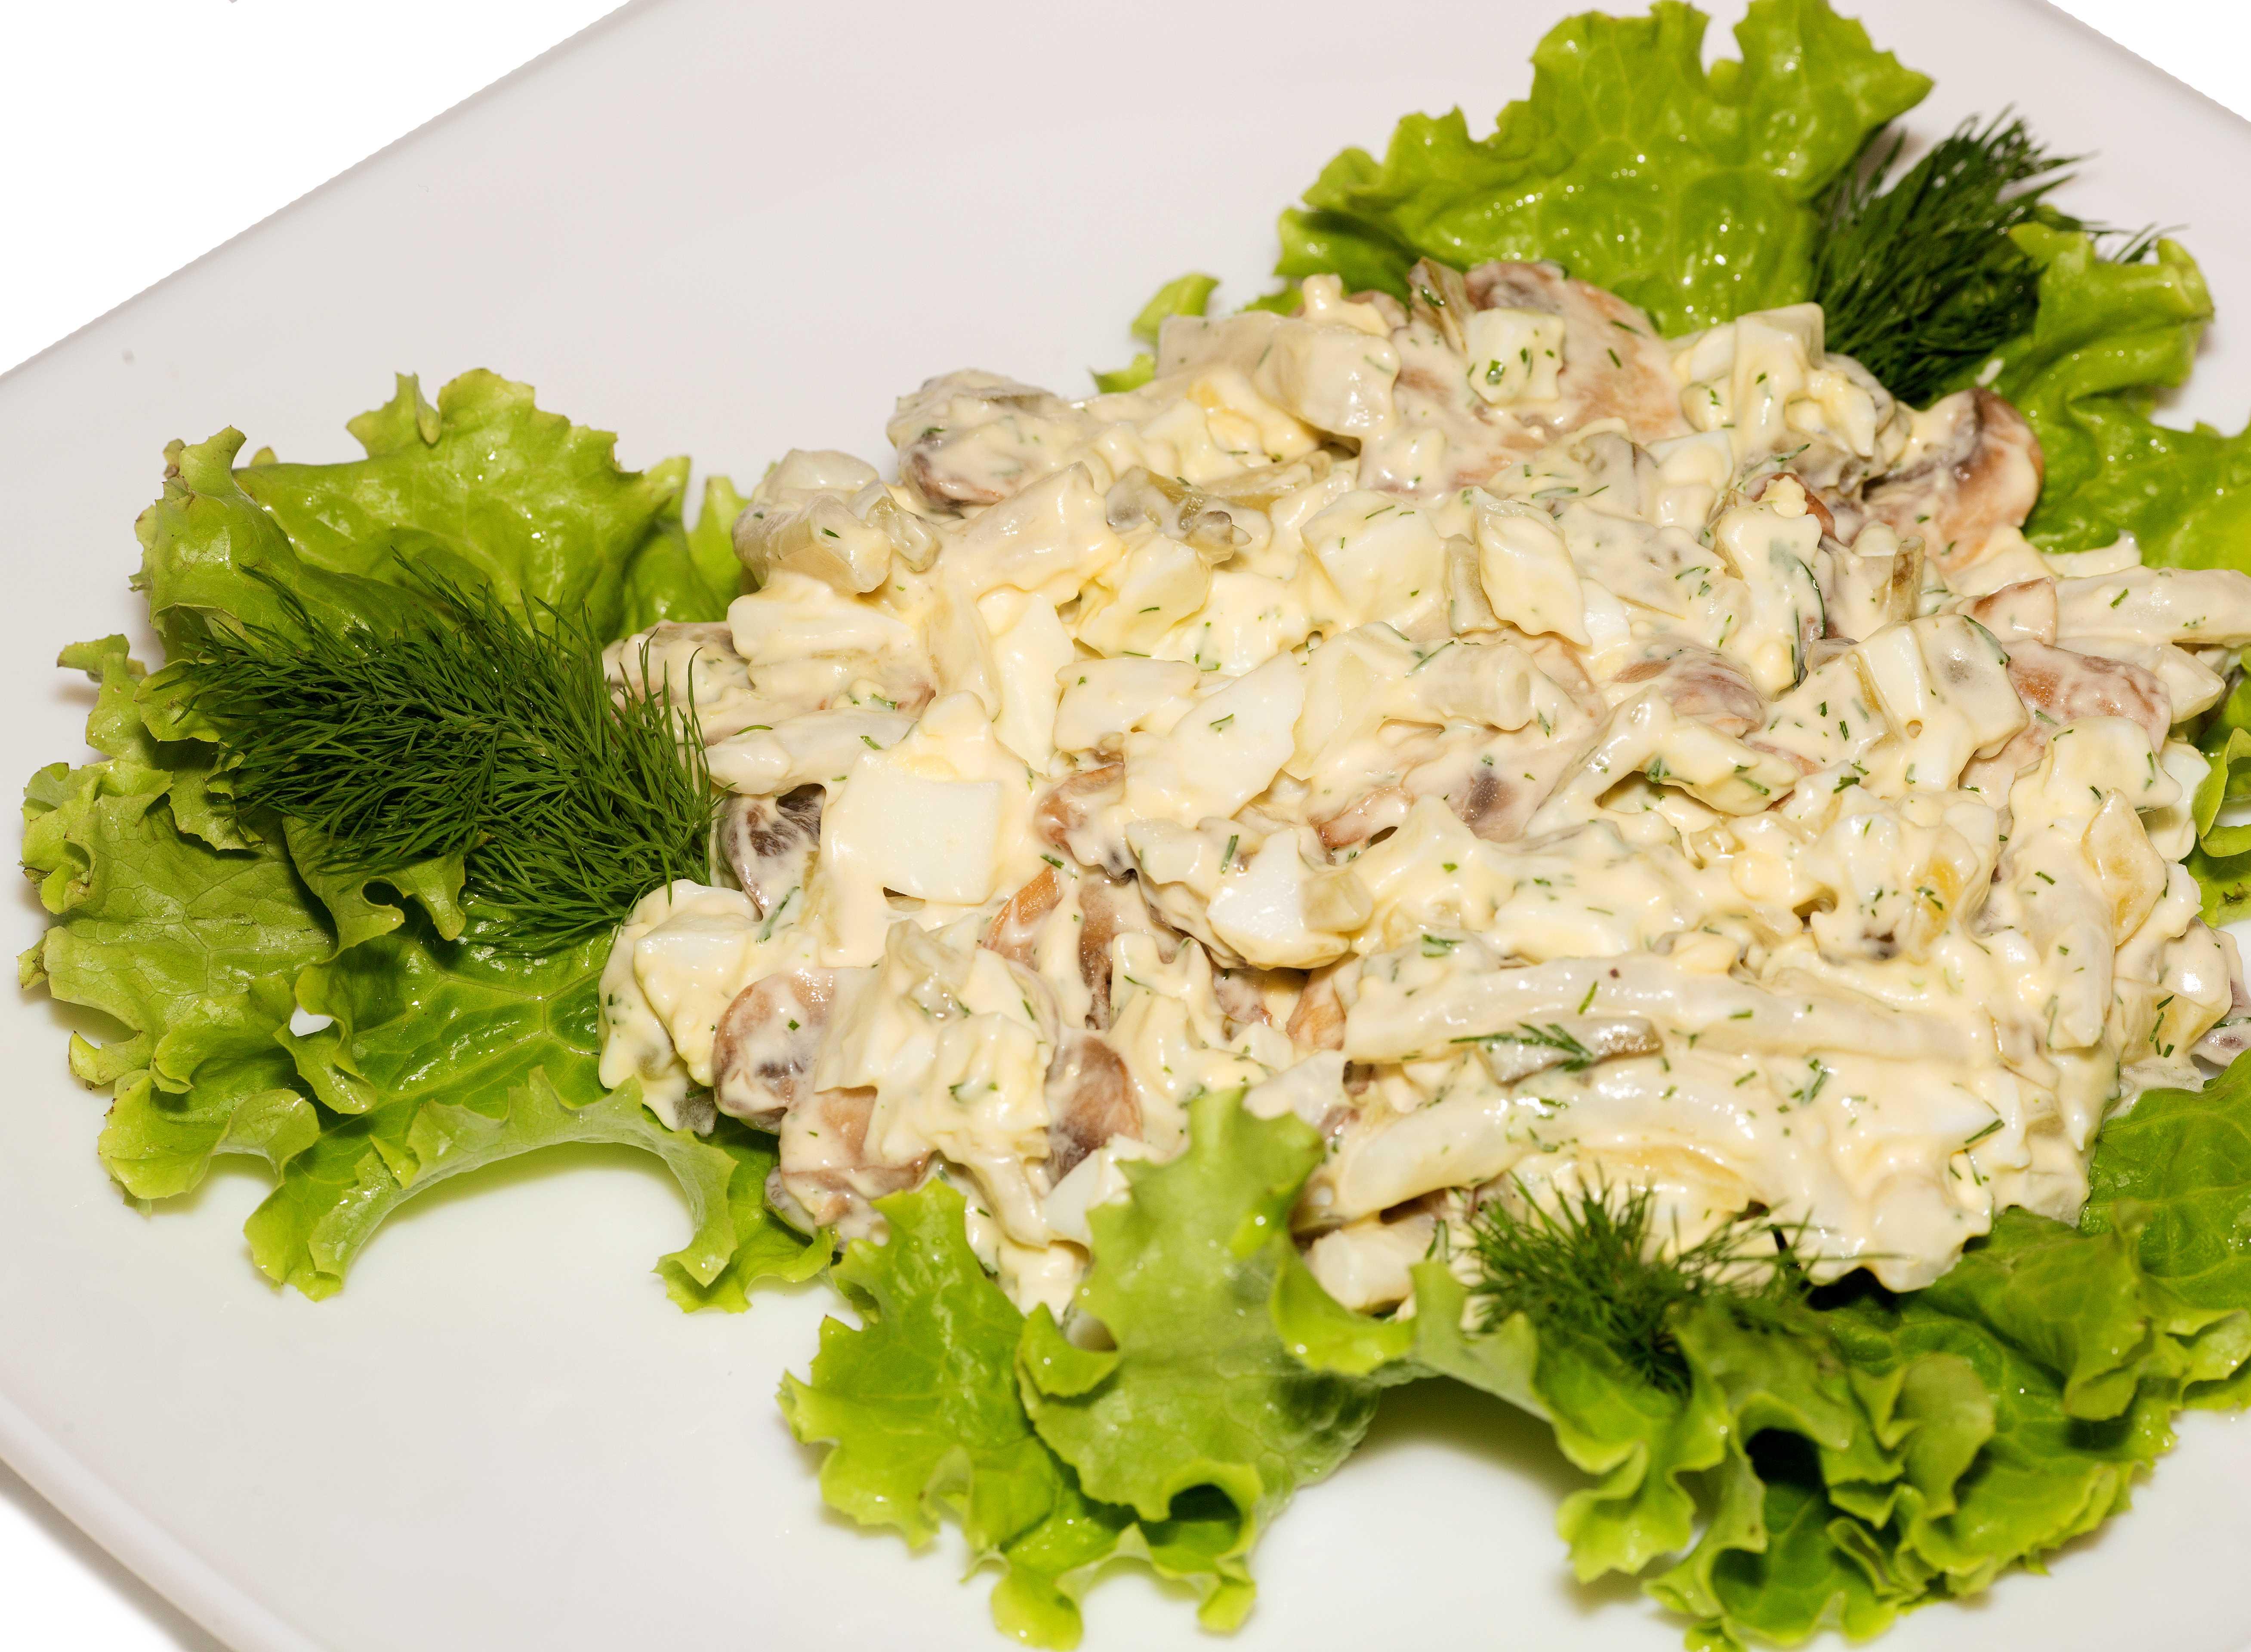 Салат с кальмарами огурцом и сыром рецепт с фото - 1000.menu